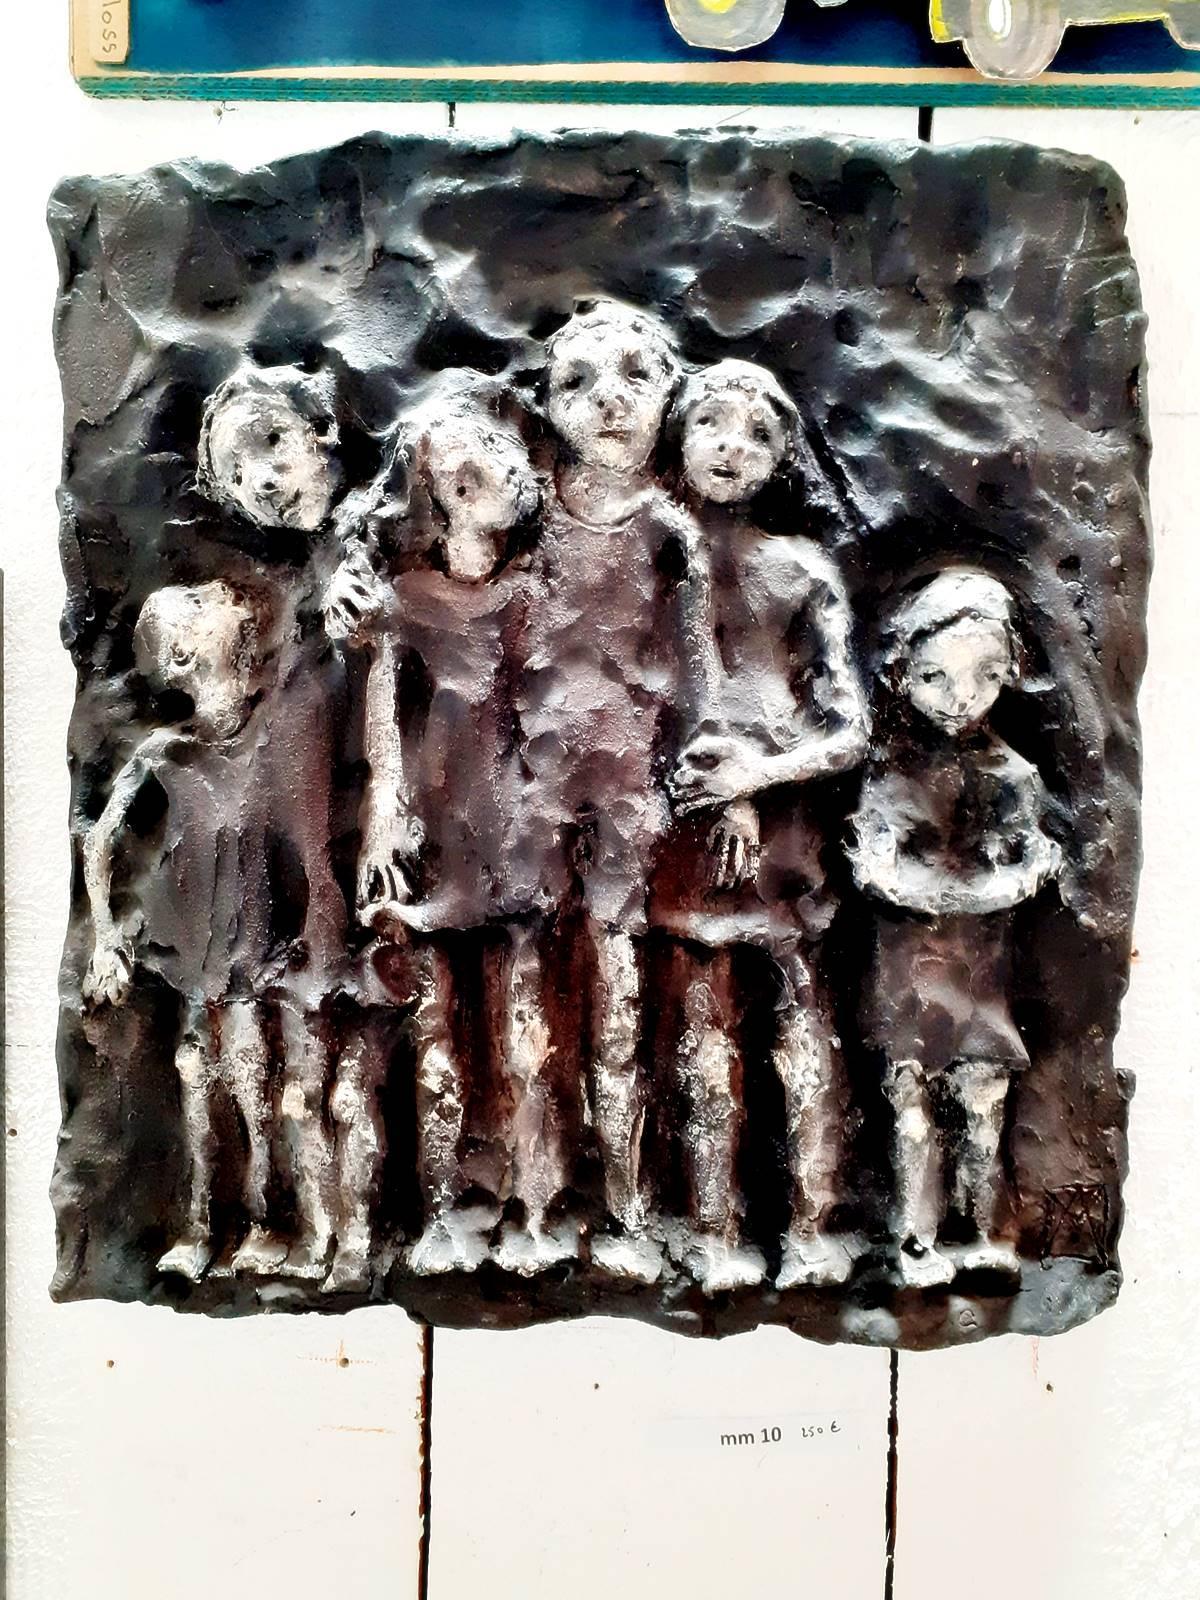 Hang art saffre loire atlantique musee20200613 131242